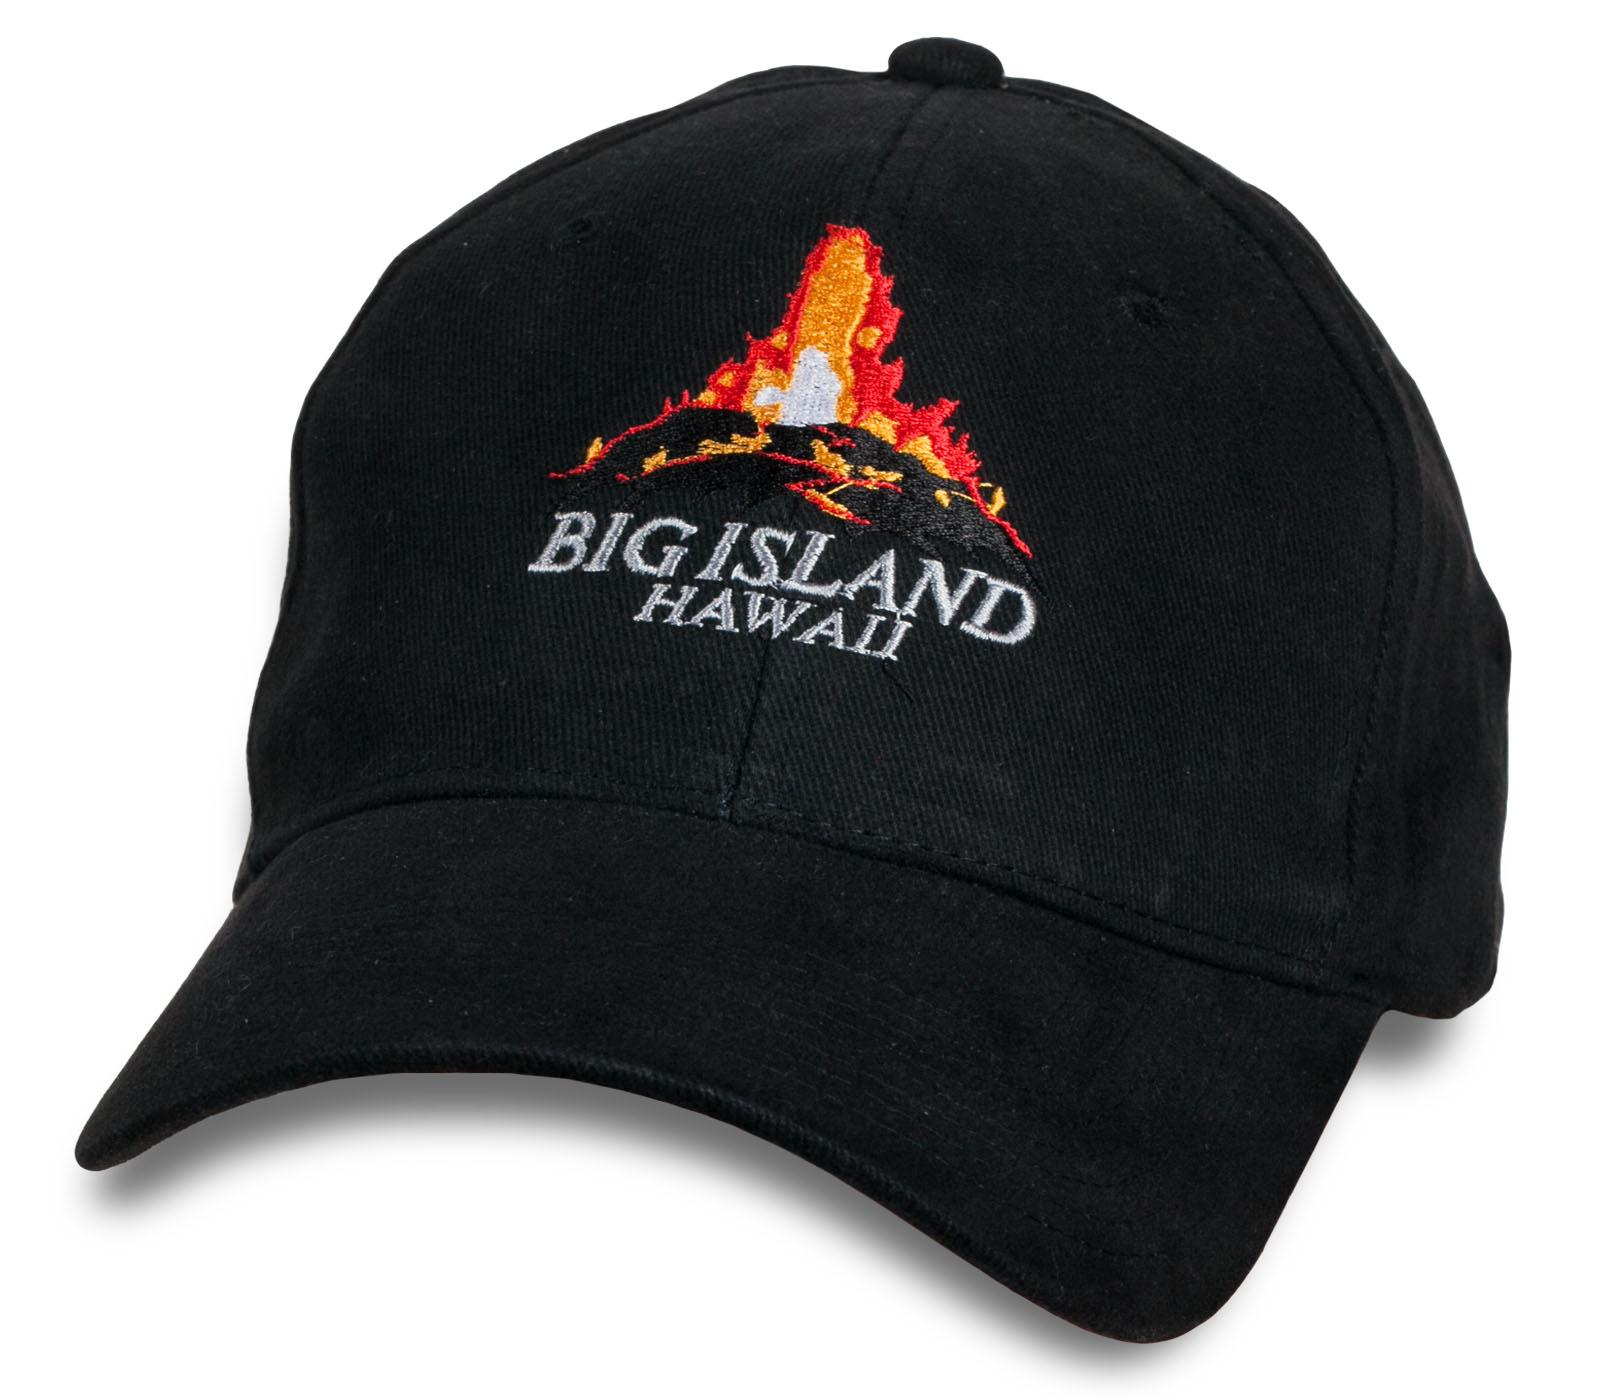 Трендовая черная кепка Big Island of Hawaii.